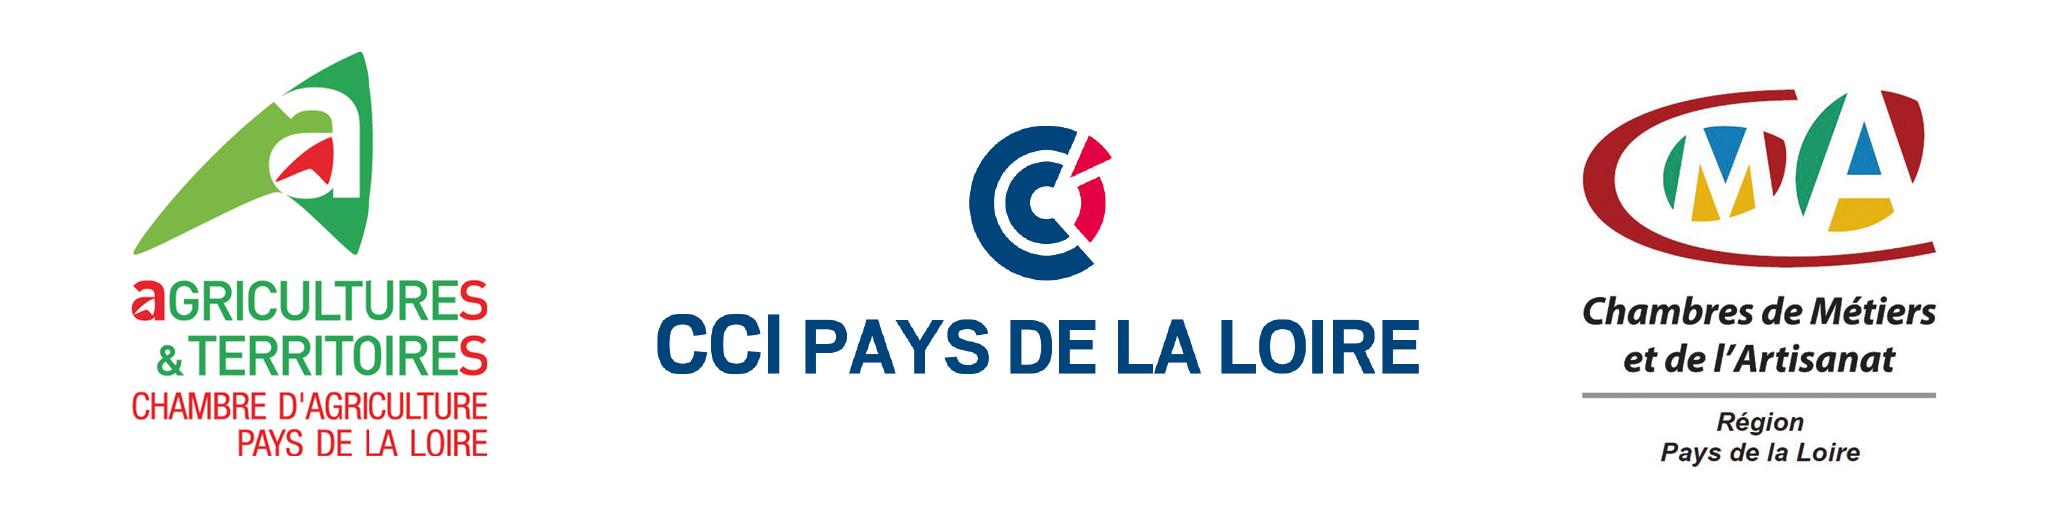 Newsletter TRIA En Pays De La Loire - Chambre des metiers pays de la loire